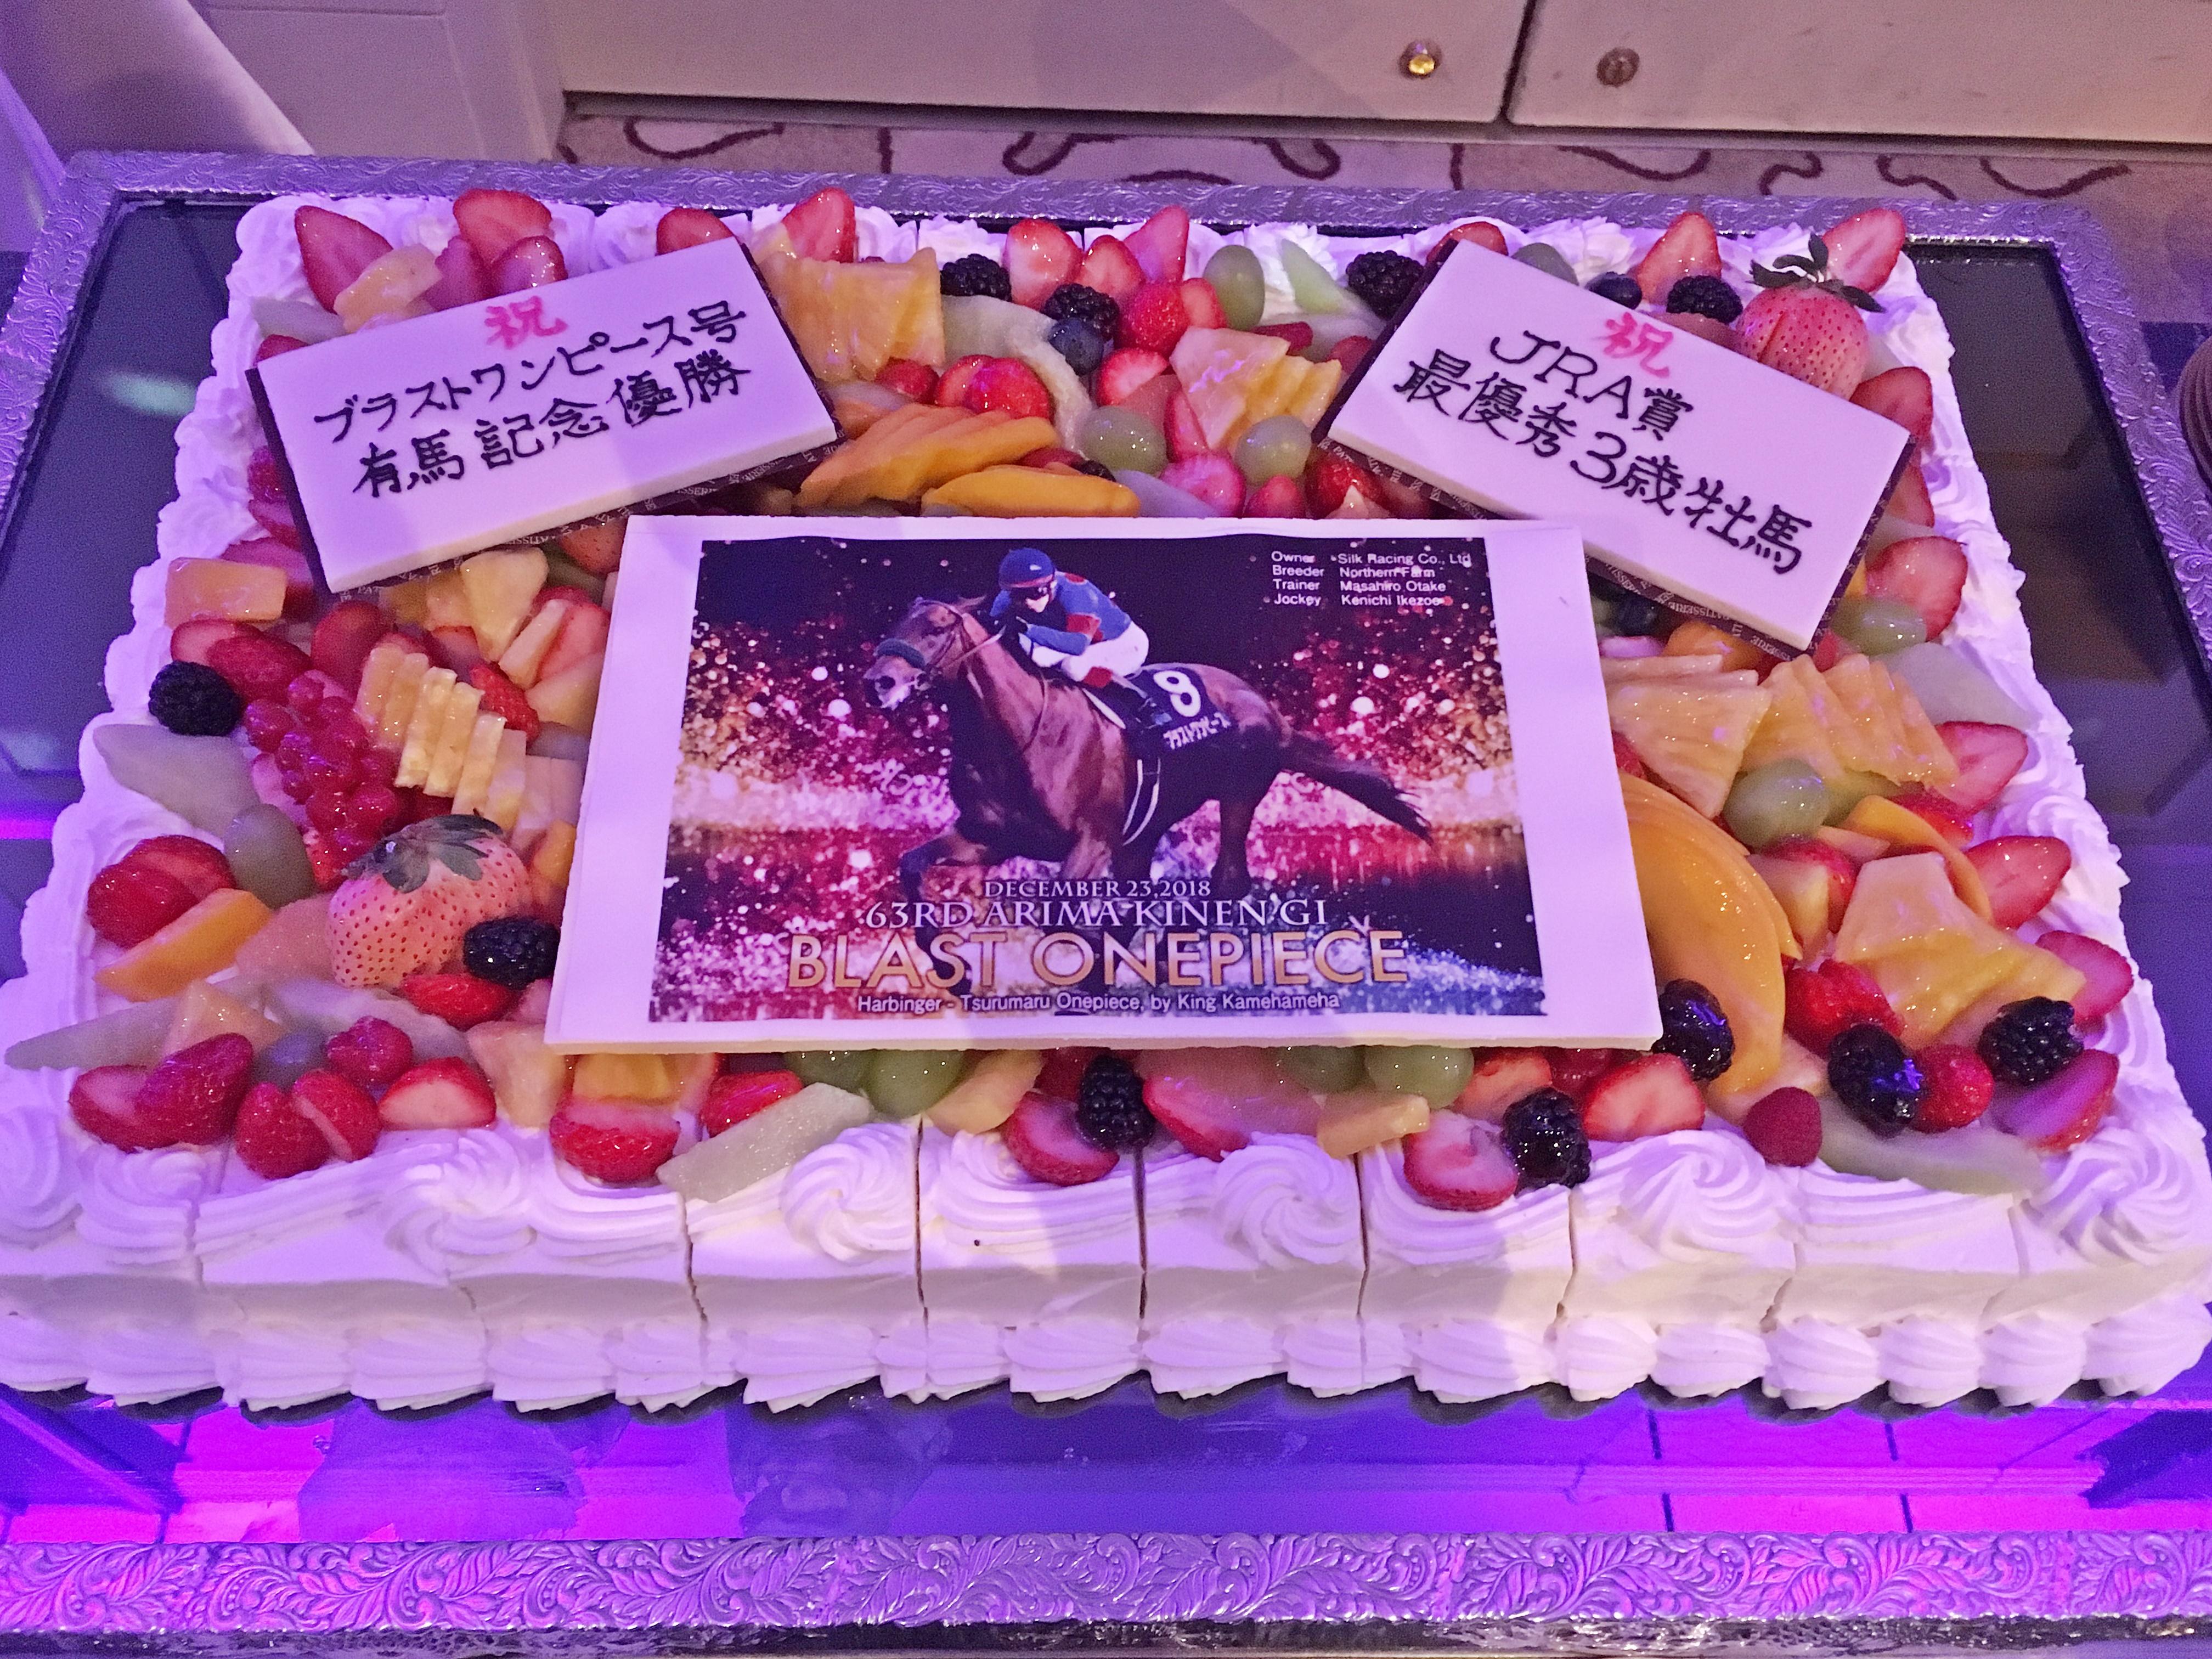 ブラストワンピース有馬記念優勝祝賀会 ケーキ_180224.JPG